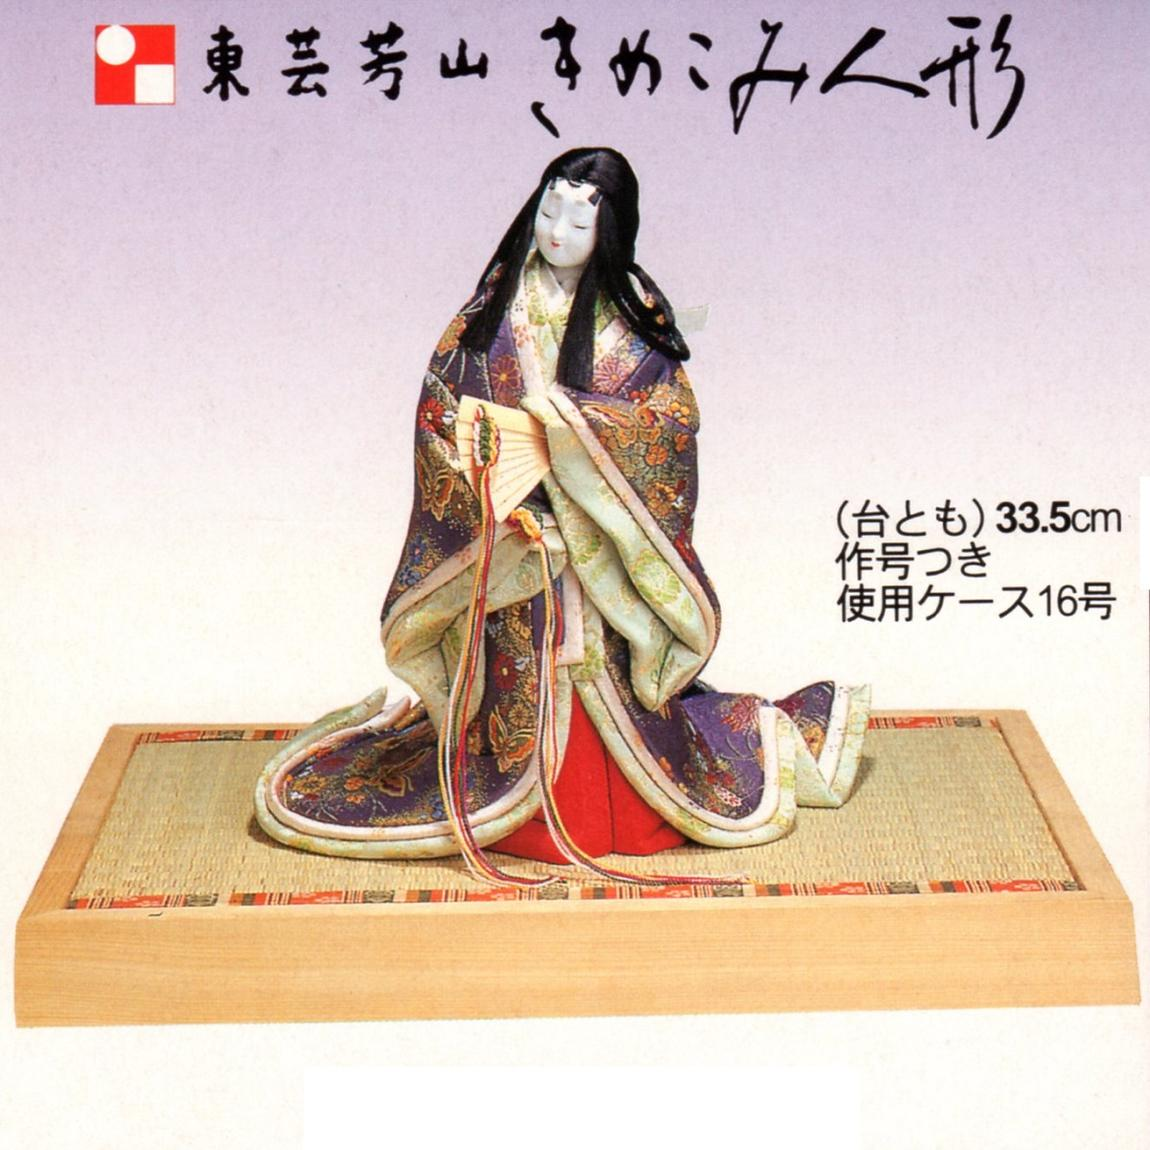 東芸 木目込人形キット「花の御所」 S245-16